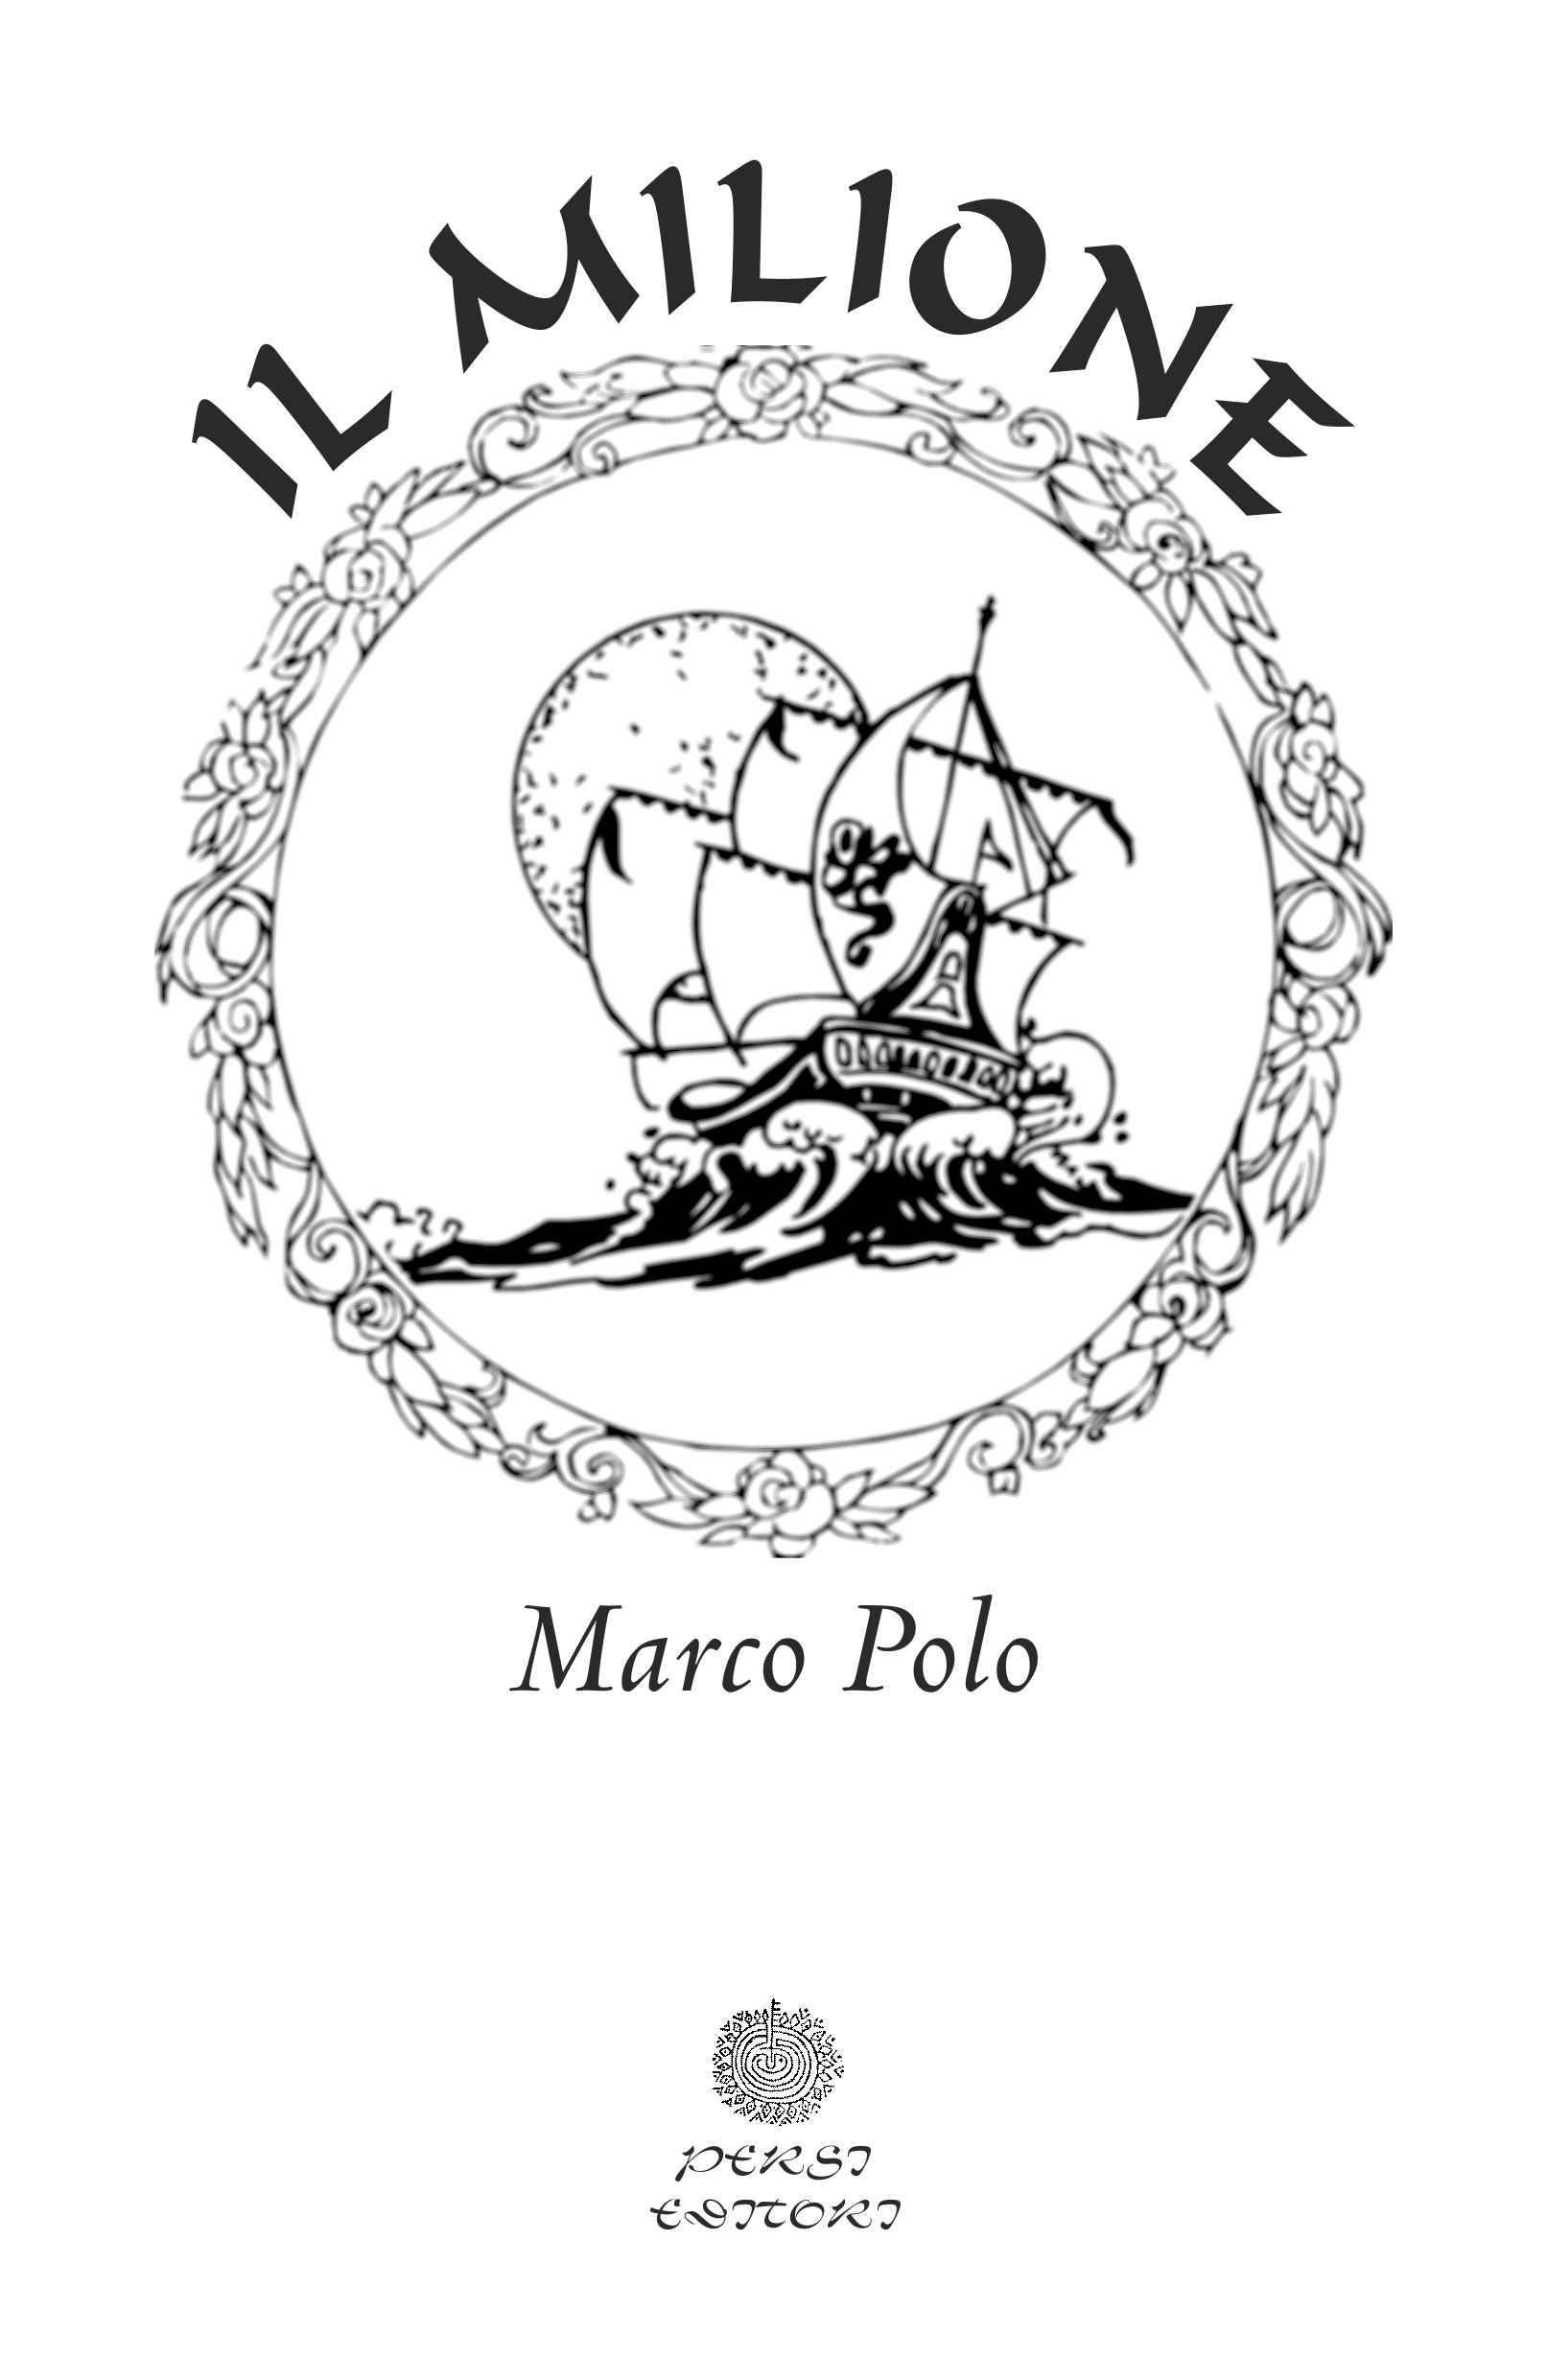 il milione marco polo 200o persi editori 213 pagine formato 14x20 ...: www.librosdearena.es/BibliothecaPersiEditori/Ilmilione_marcopolo.html